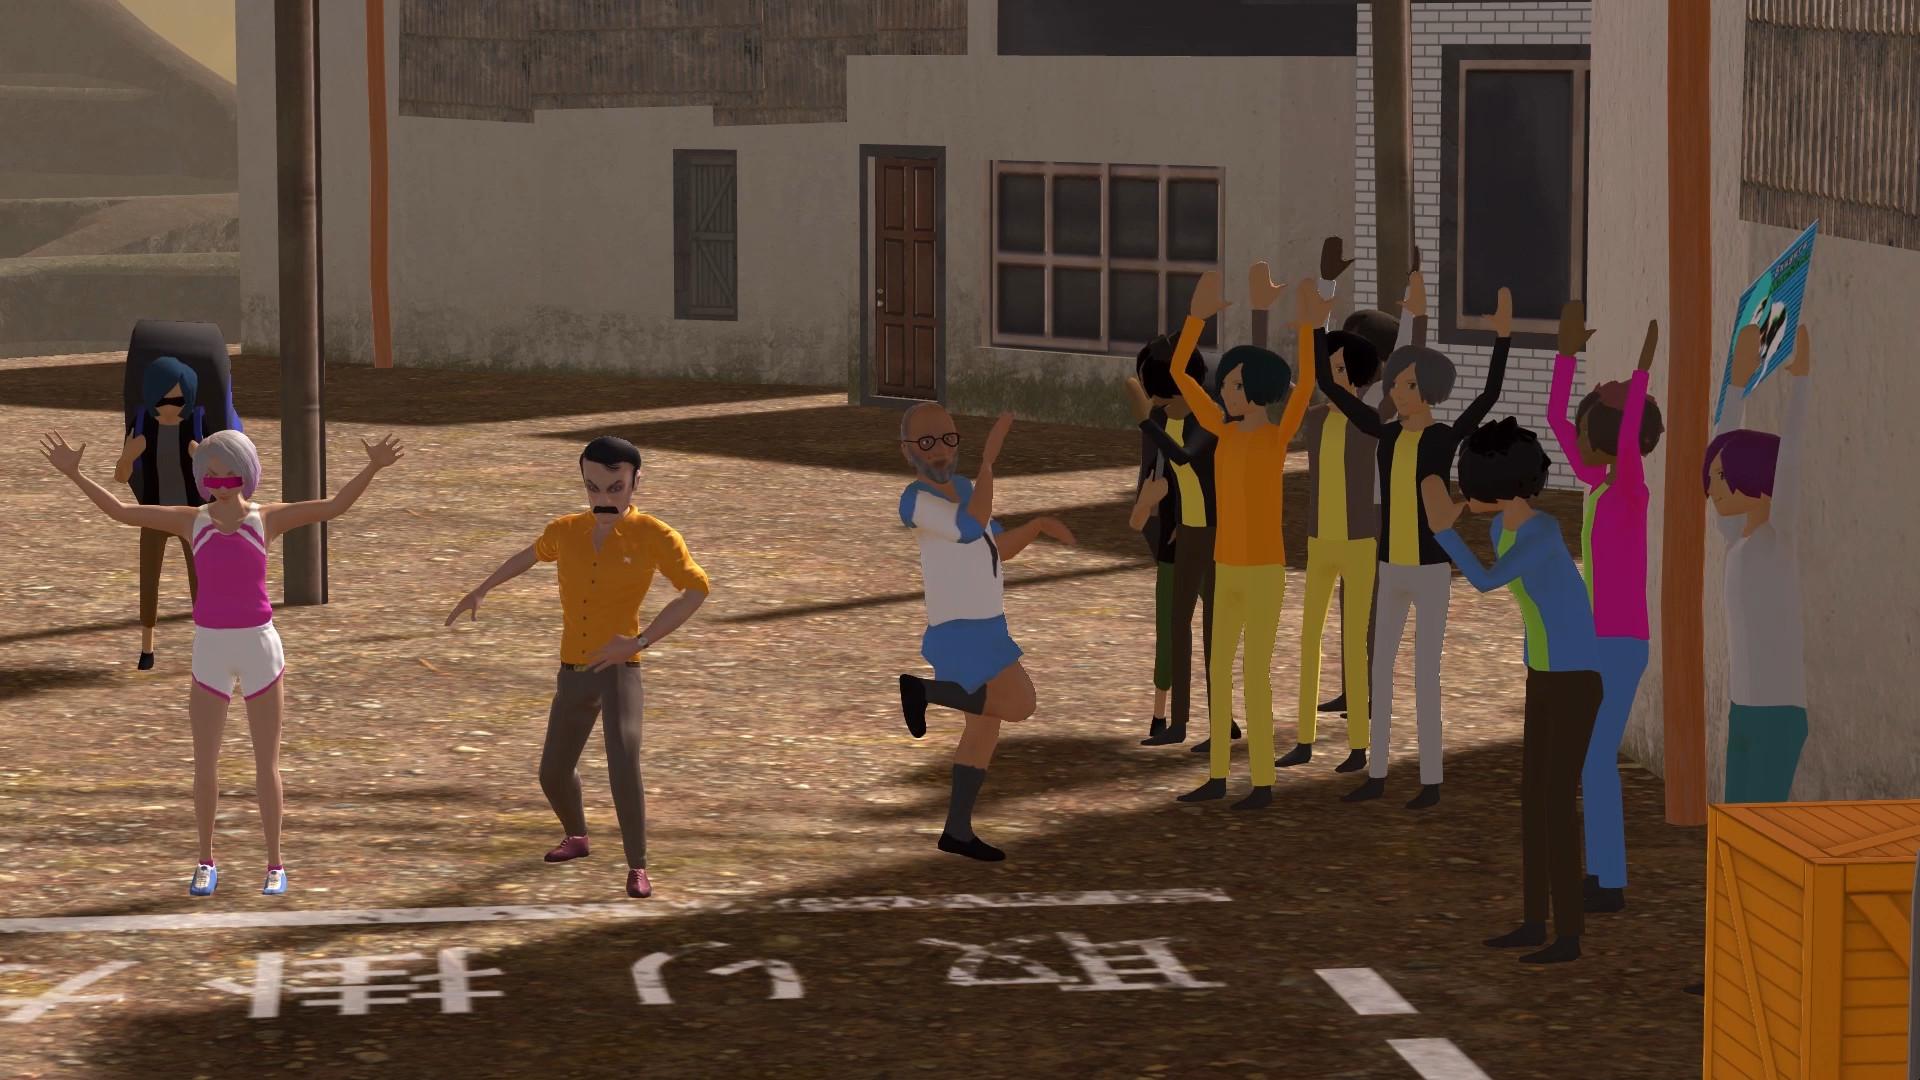 Link Tải Game Nippon Marathon Chơi Online Miễn Phí Thành Công